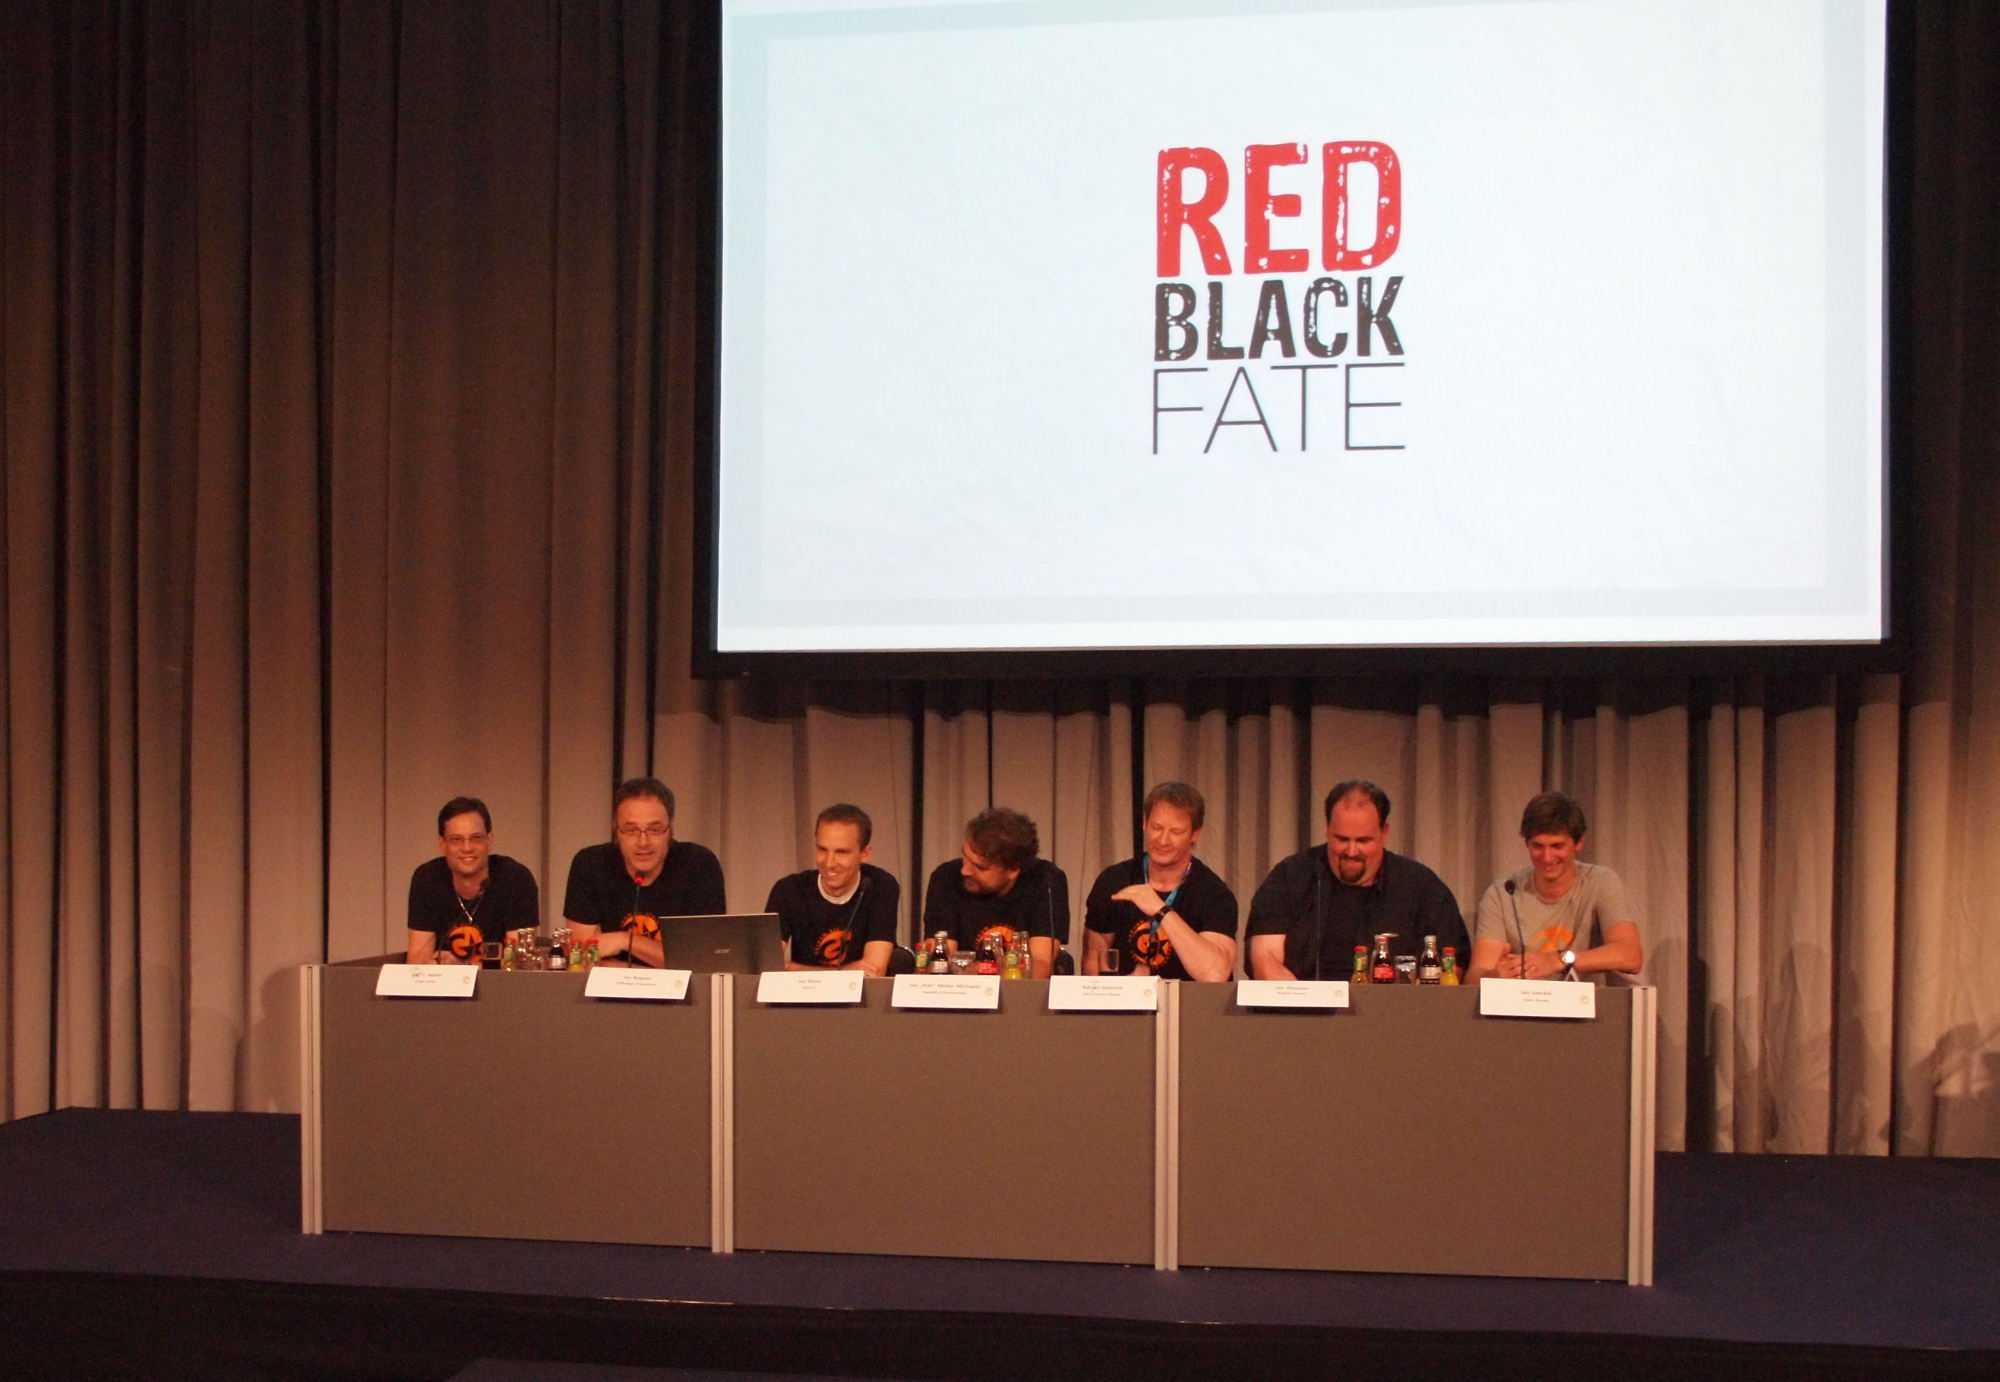 Sechs Studos, ein Projekt: Red. Black. Fate.